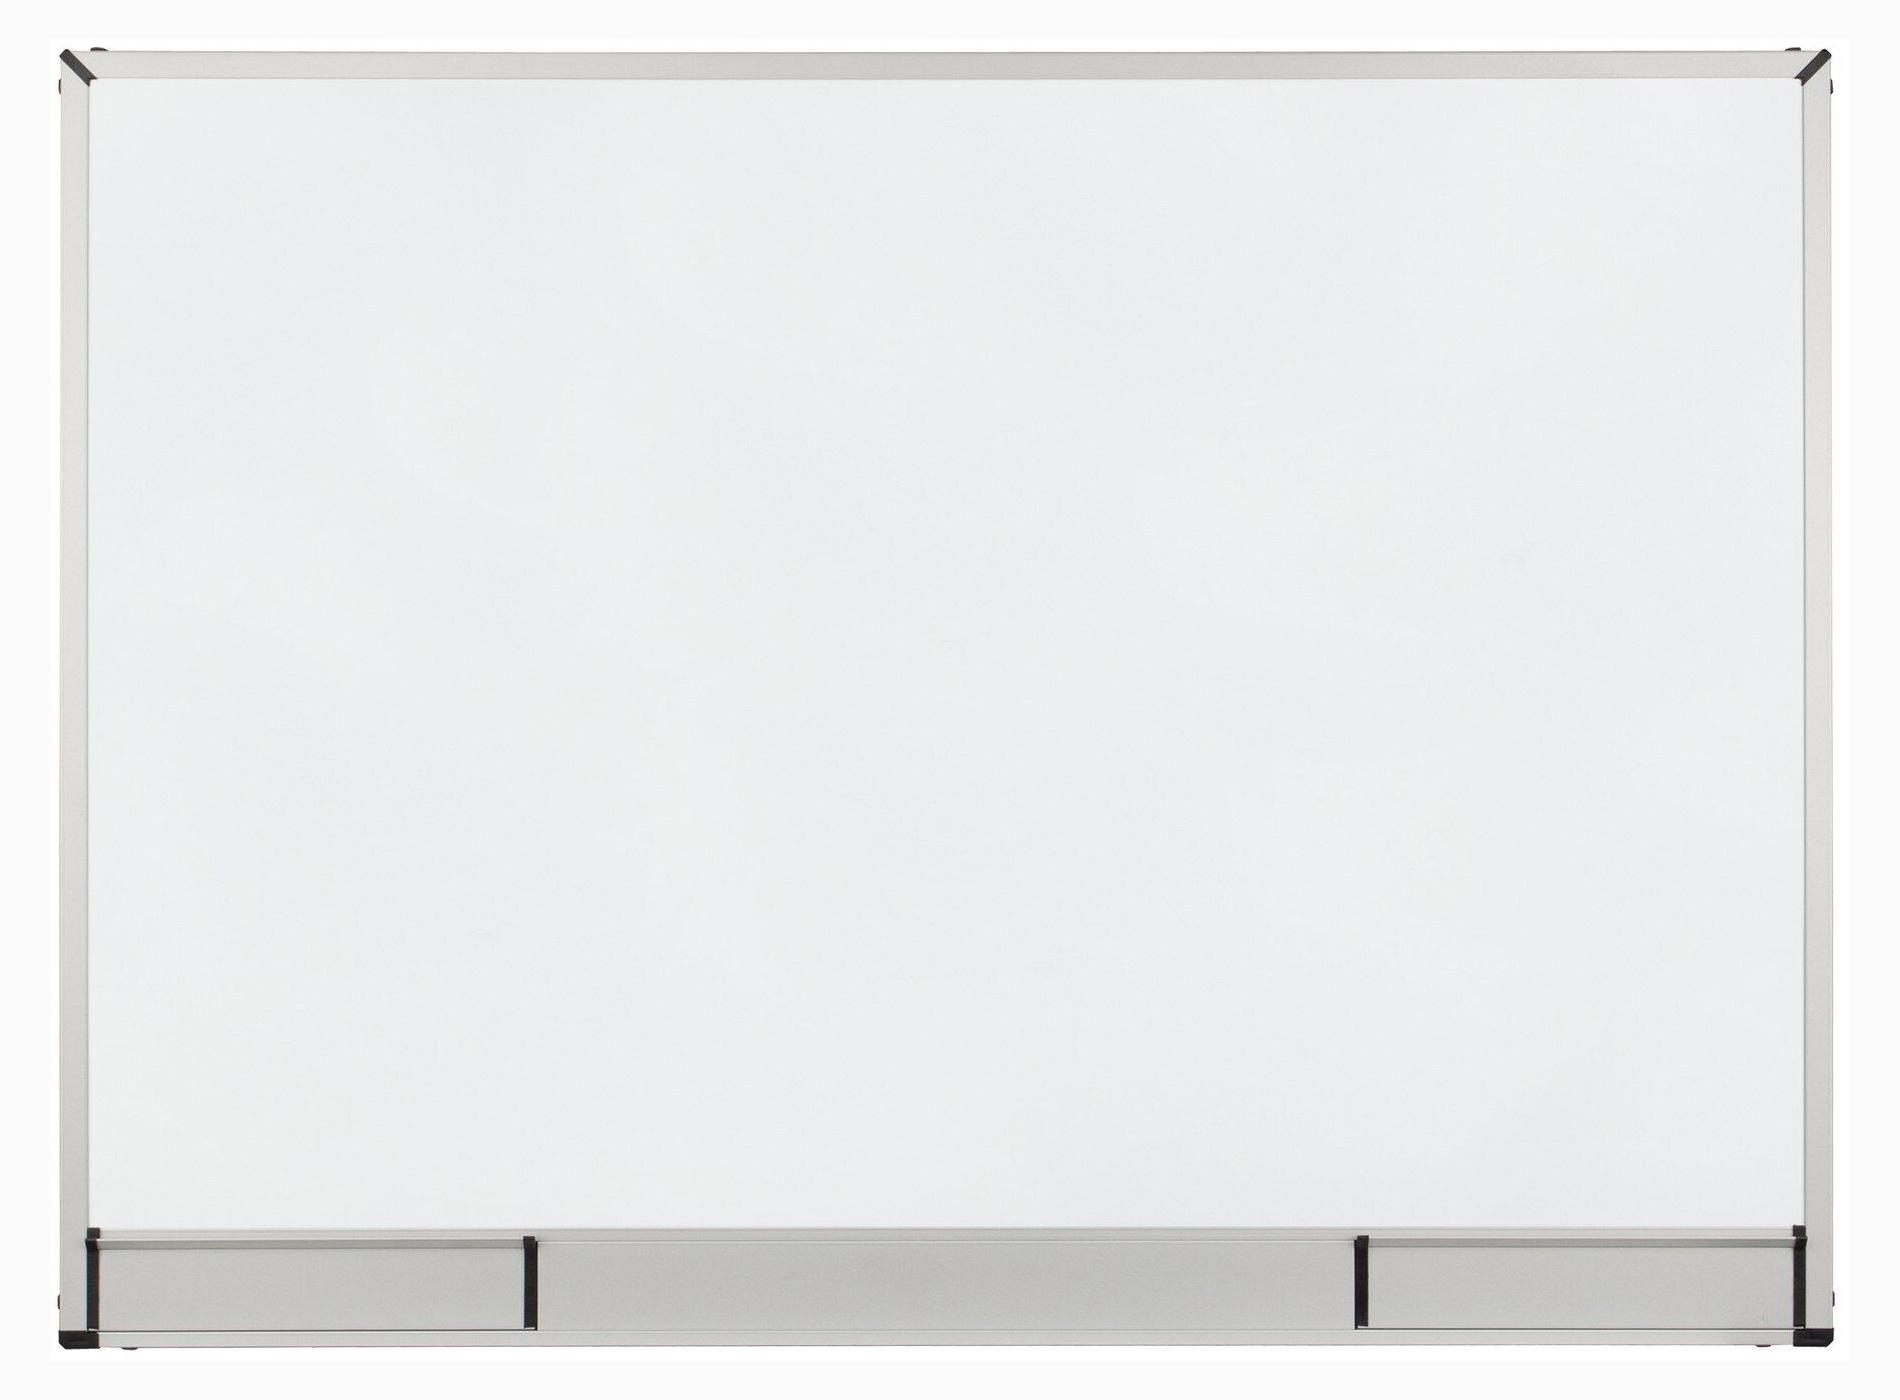 Доска белая магнитная сухостираемая StarBoard 60*90см., алюминиевая рамка, лак 2x3 - фото 1